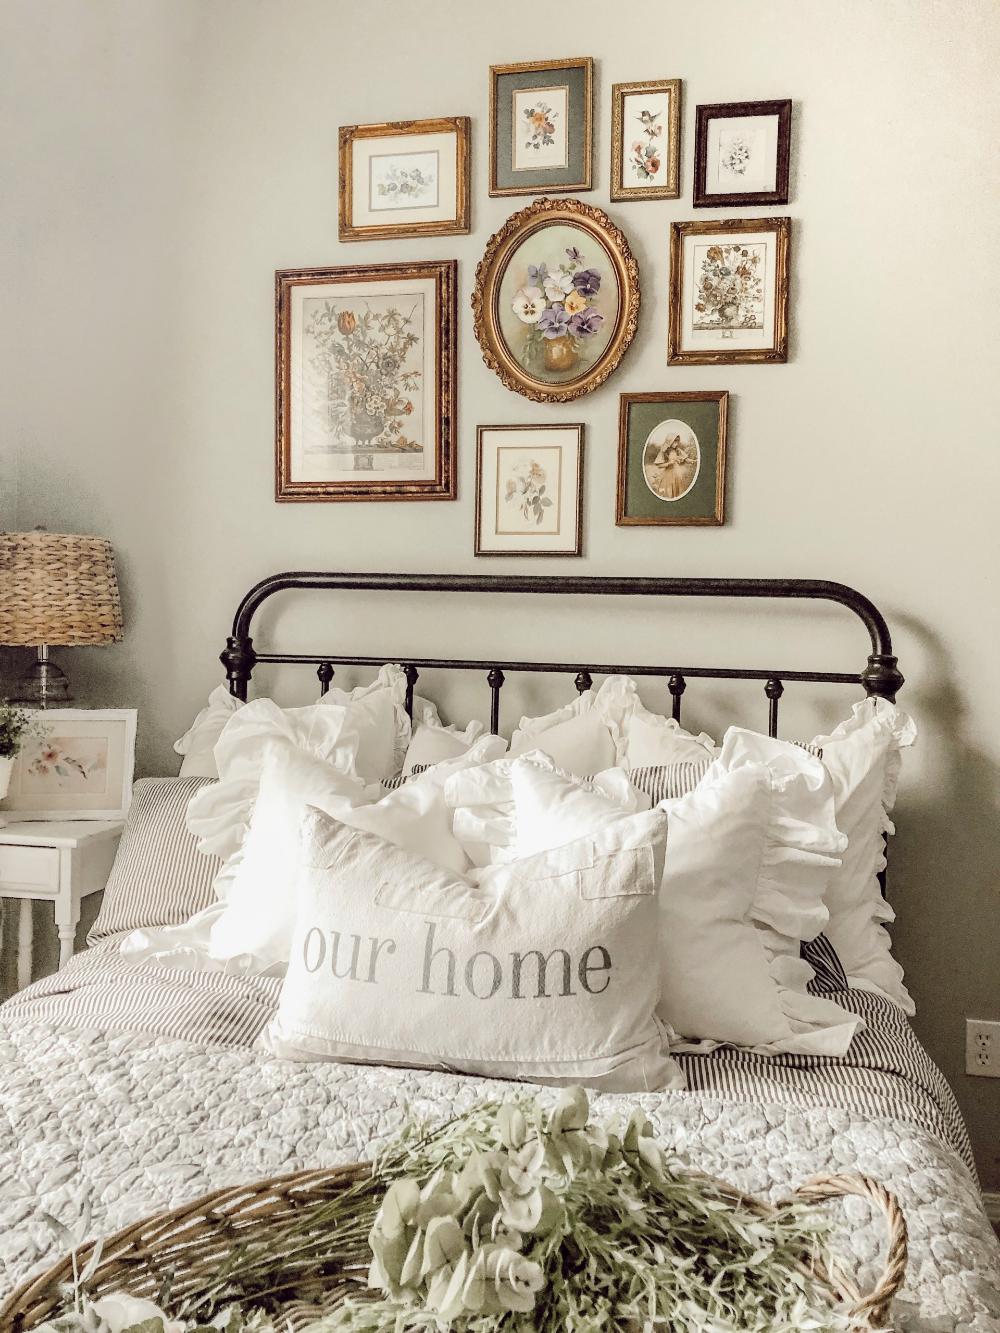 15 ý tưởng màu sắc phòng ngủ theo phong cách cổ điển ngọt ngào - Ảnh 1.